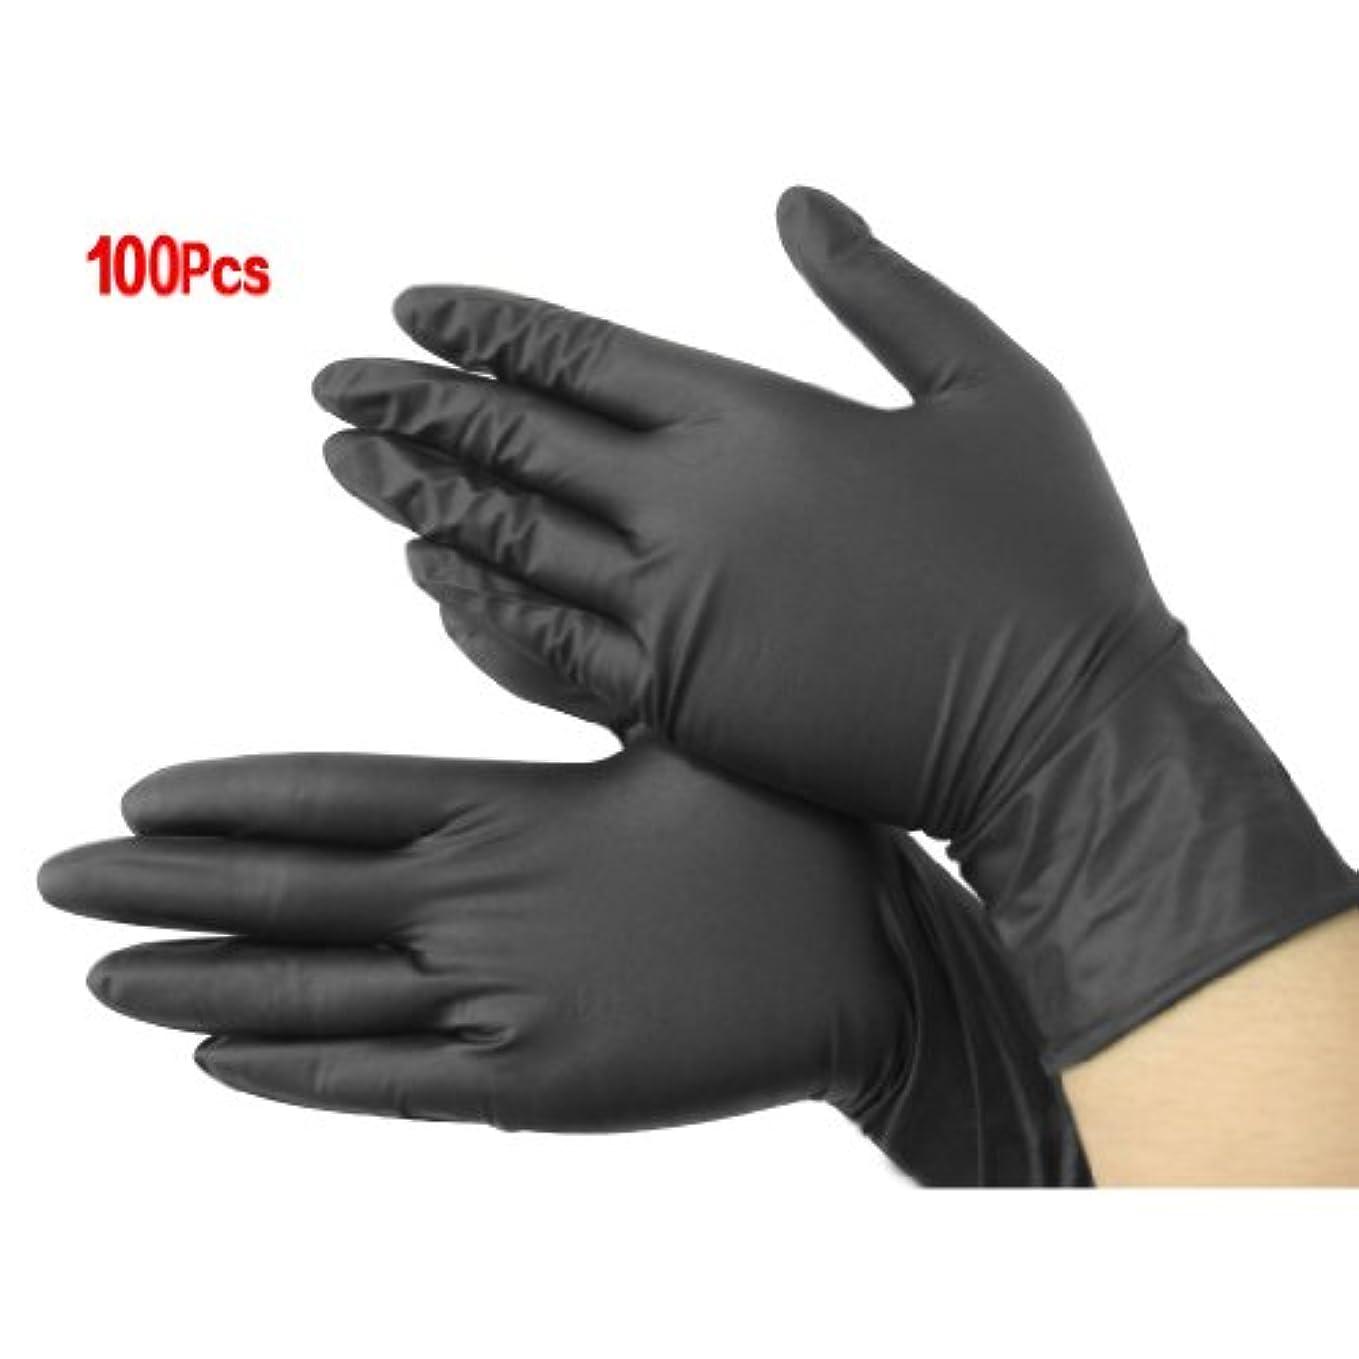 美徳マークダウンコスト手袋,SODIAL(R)黒いニトリル使い捨てクール手袋 パワーフリーX100 - 入れ墨 - メカニック 新しい